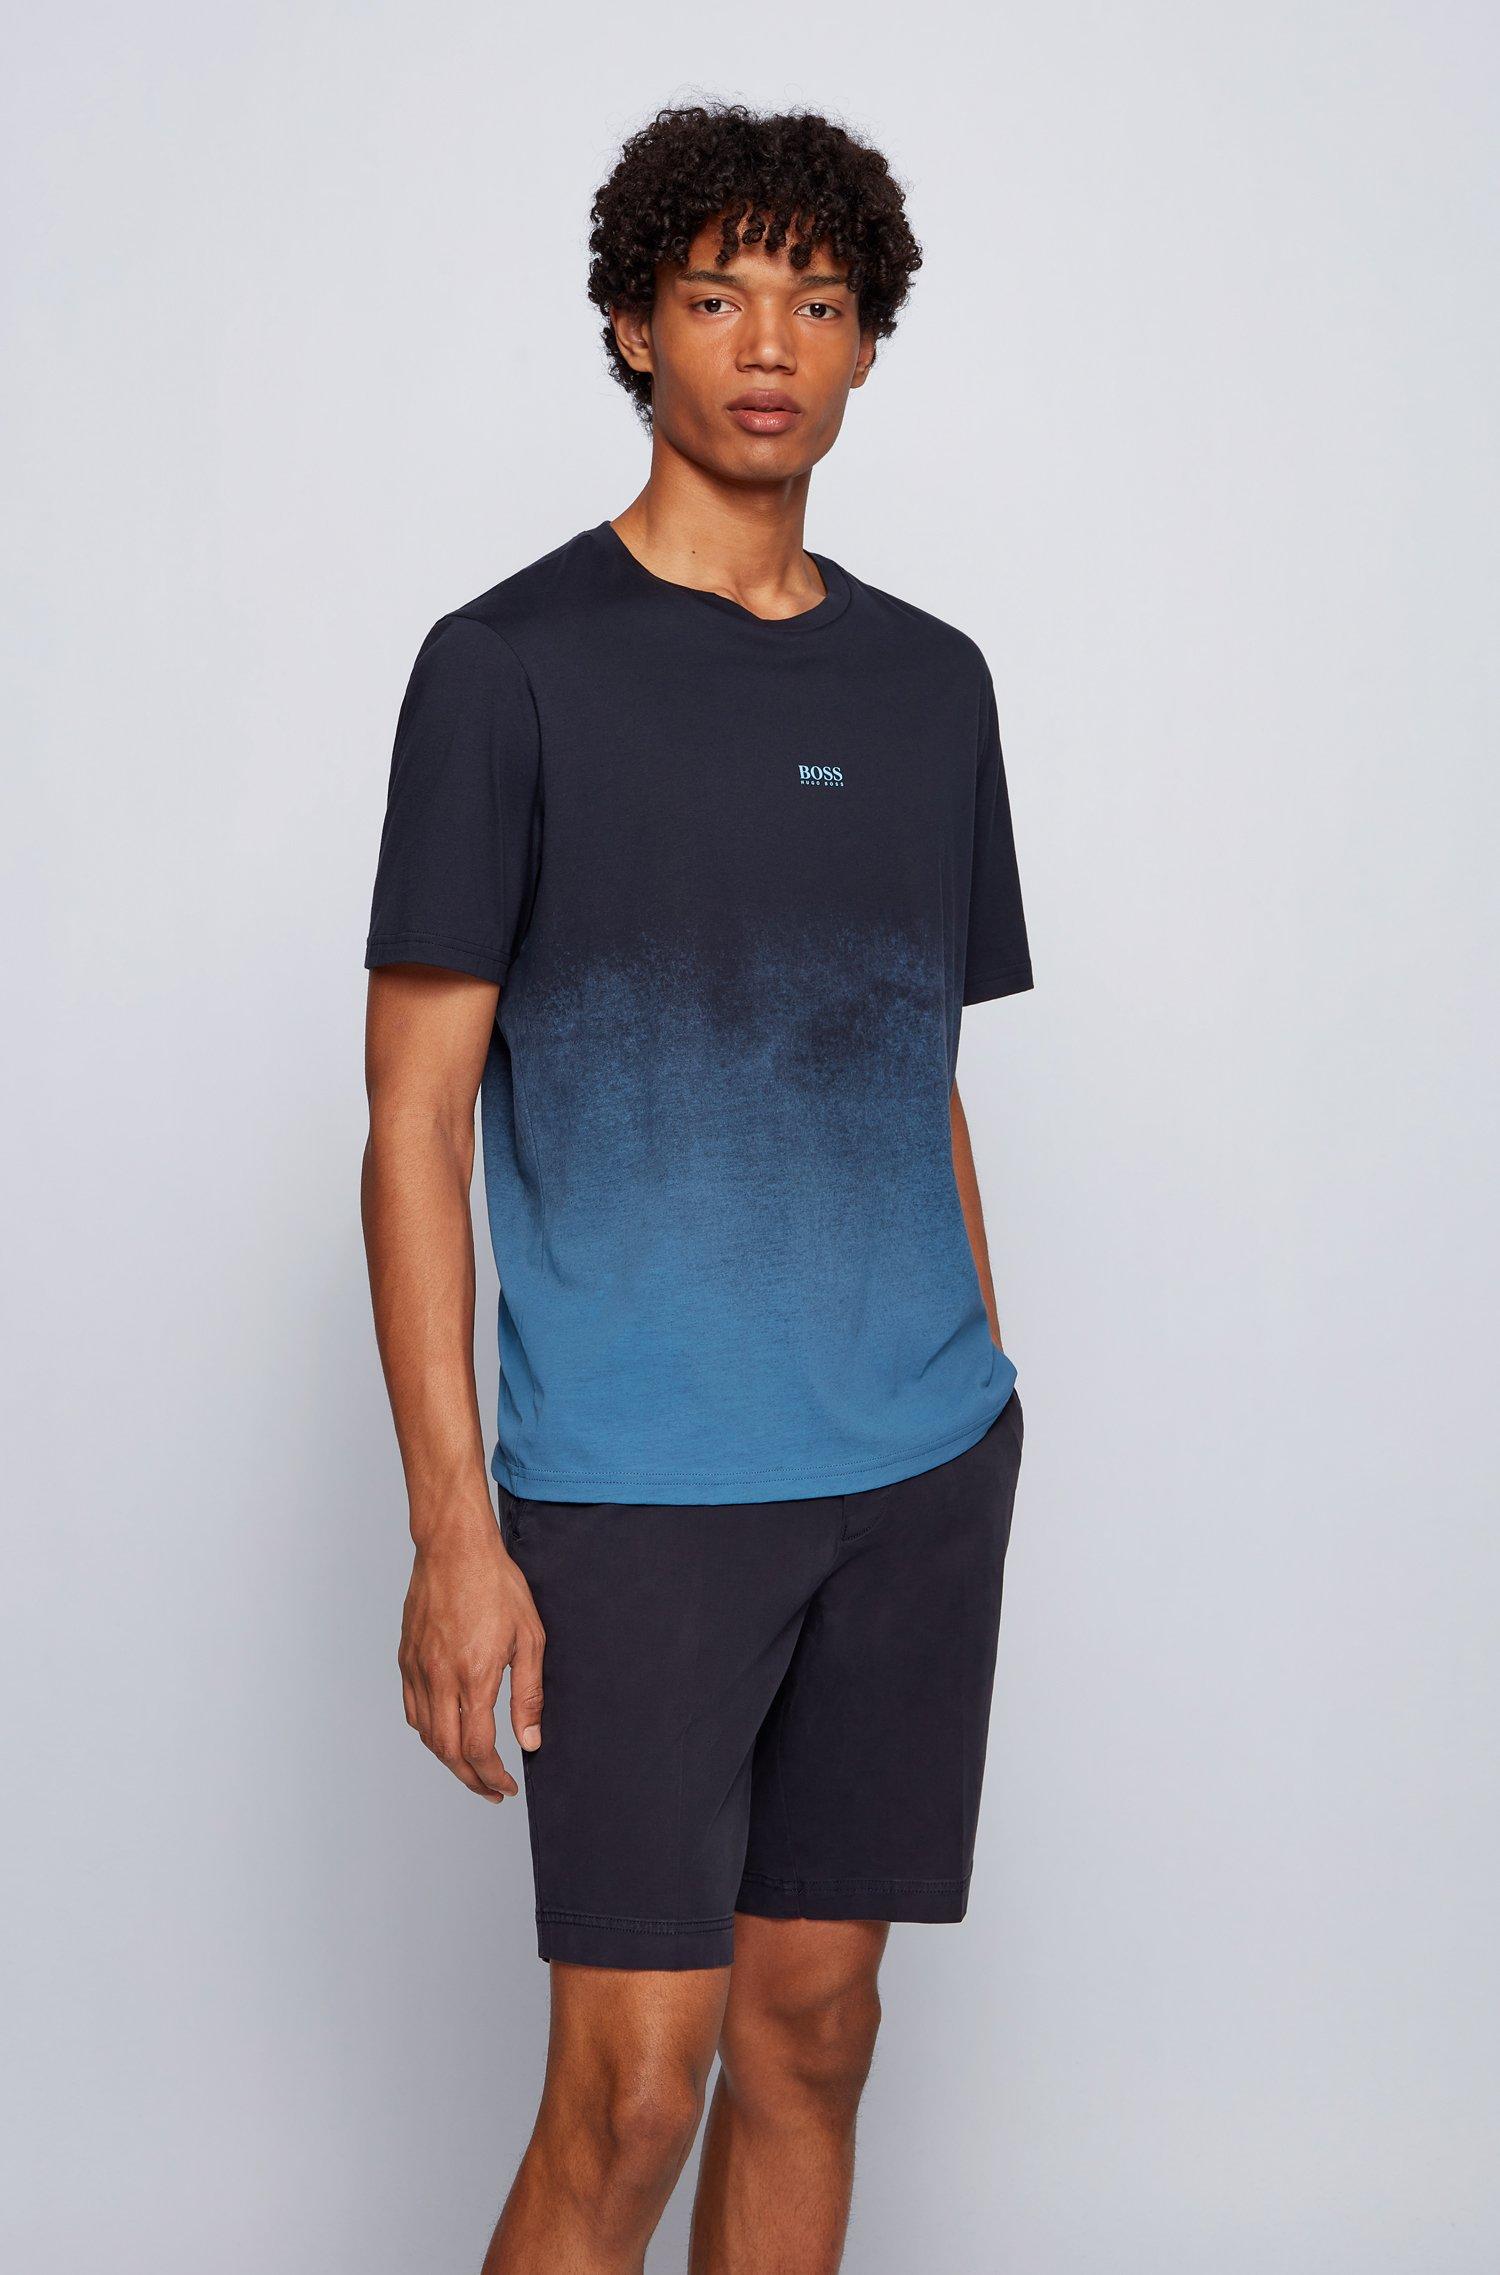 T-Shirt aus Pima-Baumwolle mit Logo und Dégradé-Print, Dunkelblau